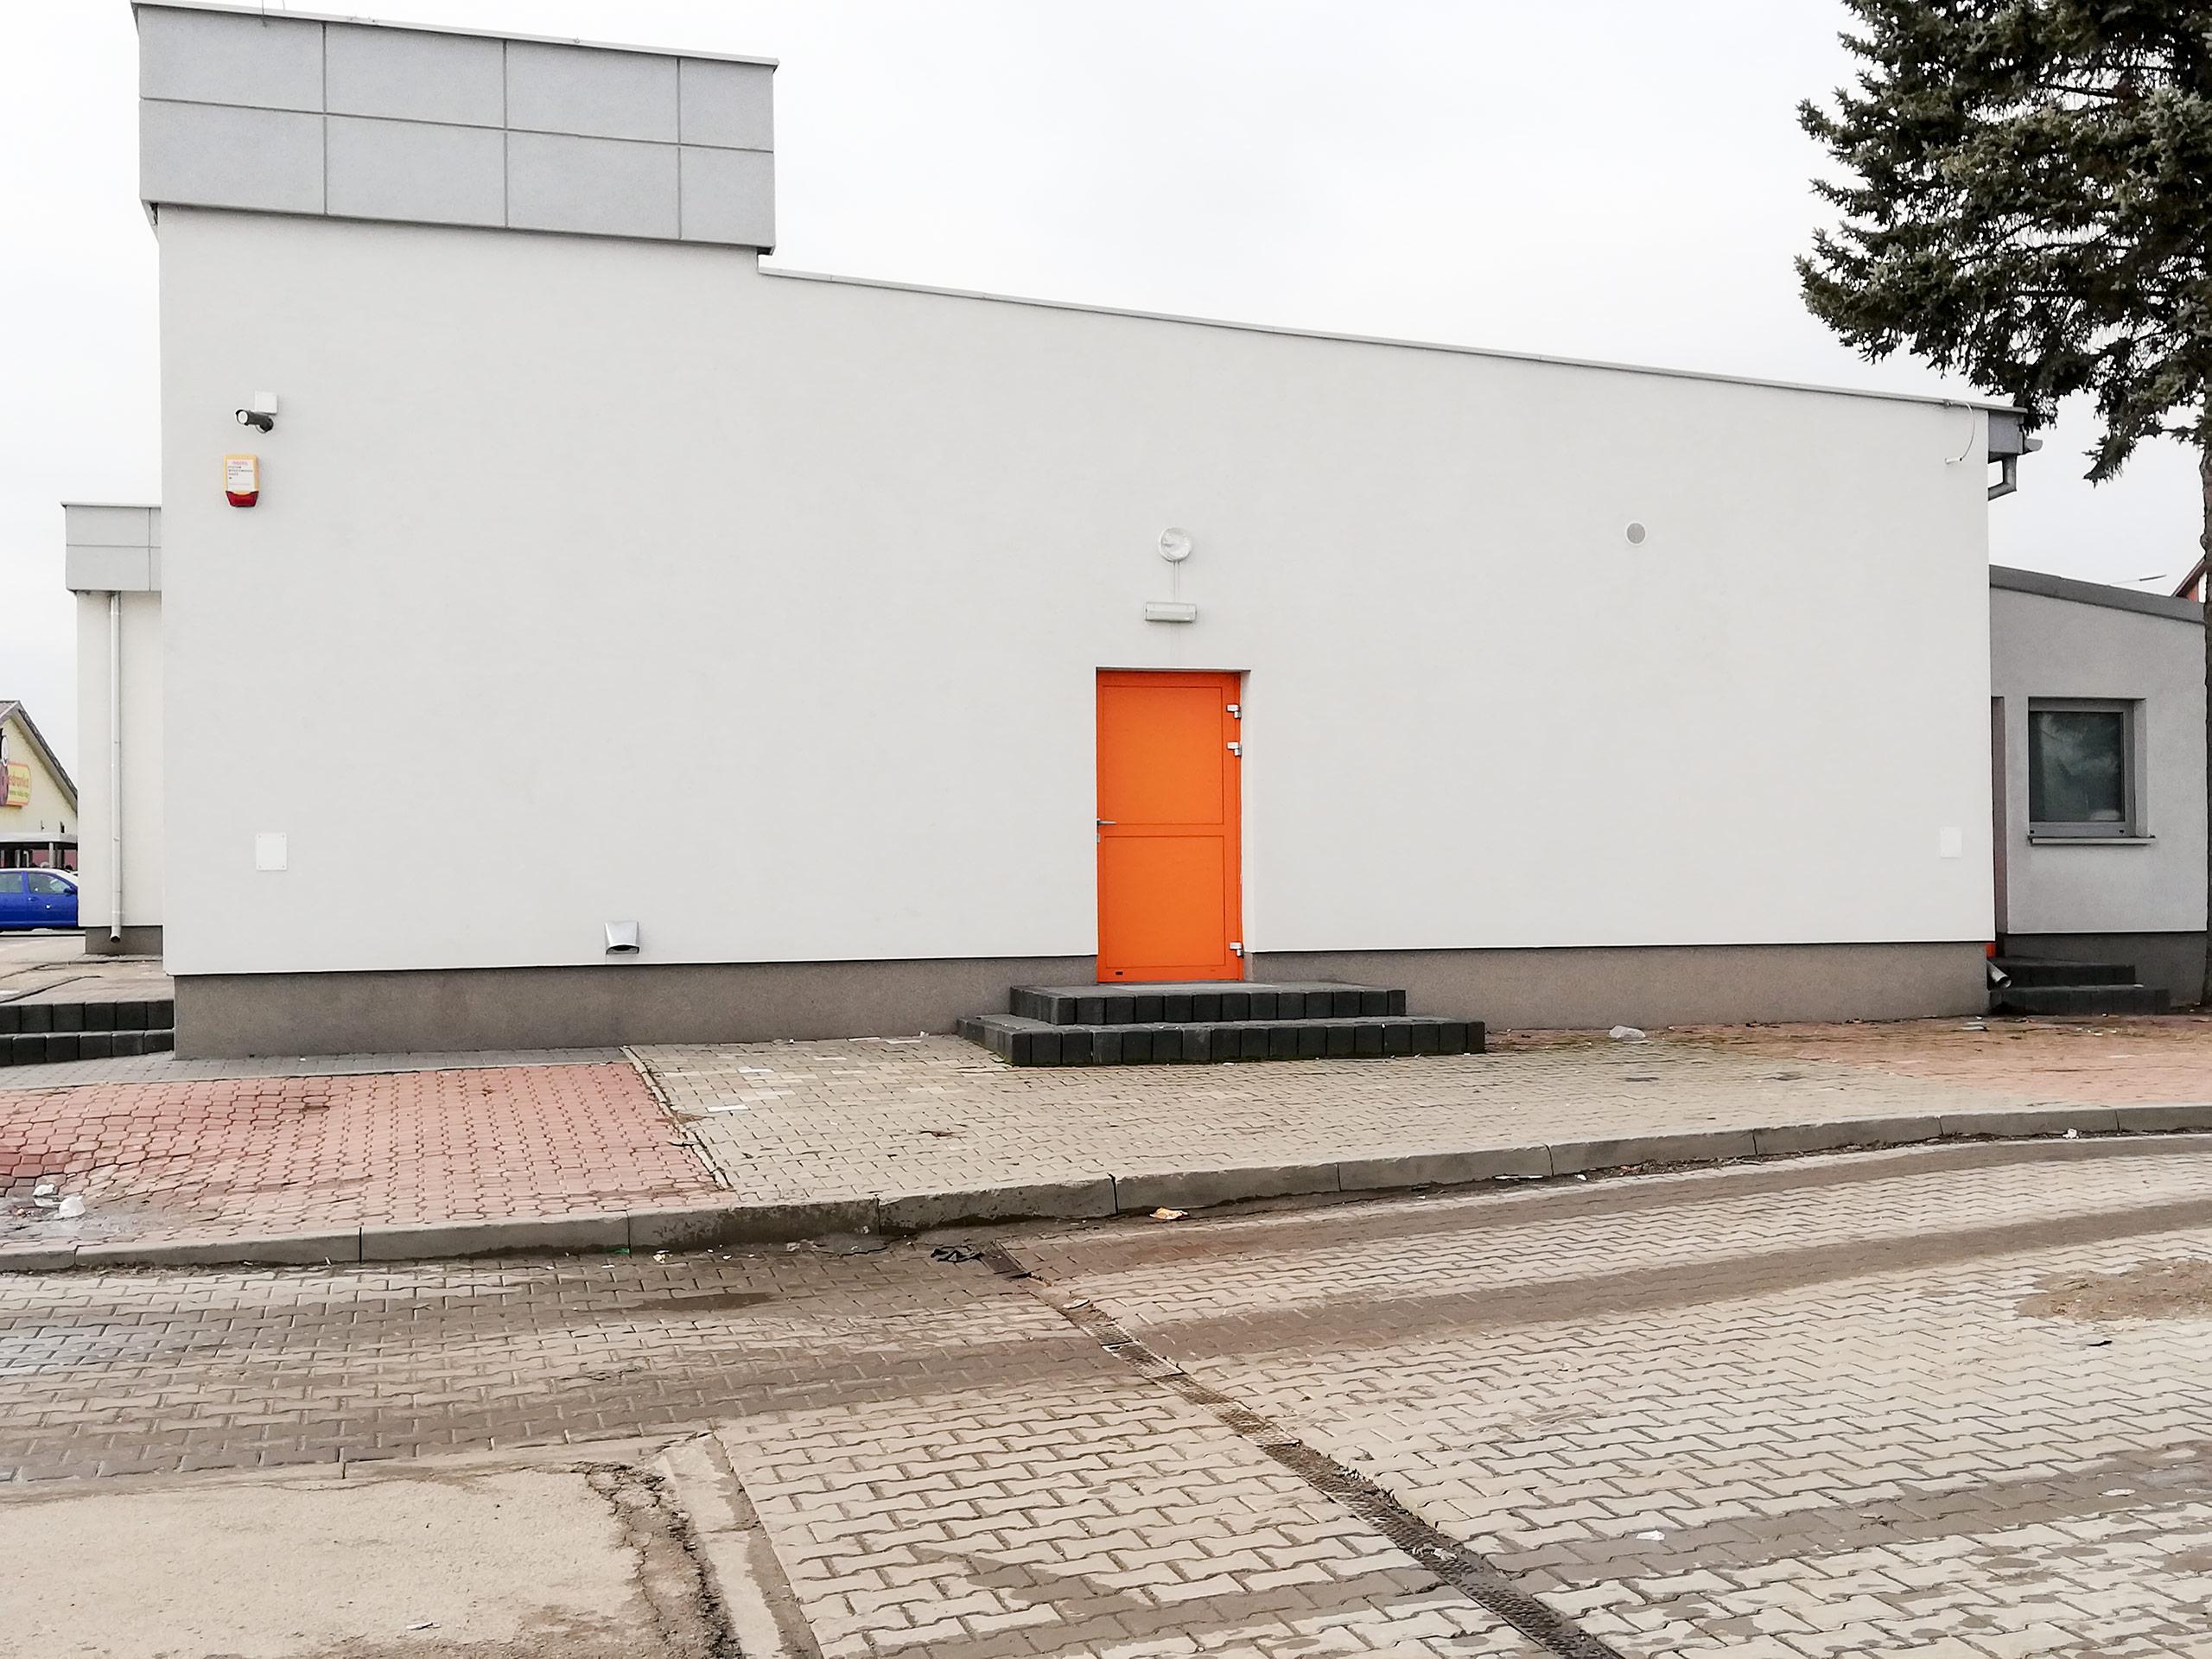 nowy budynek, Hrubieszów - lokal na sprzedaż - Krzysztof Górski Nieruchomości Zamość